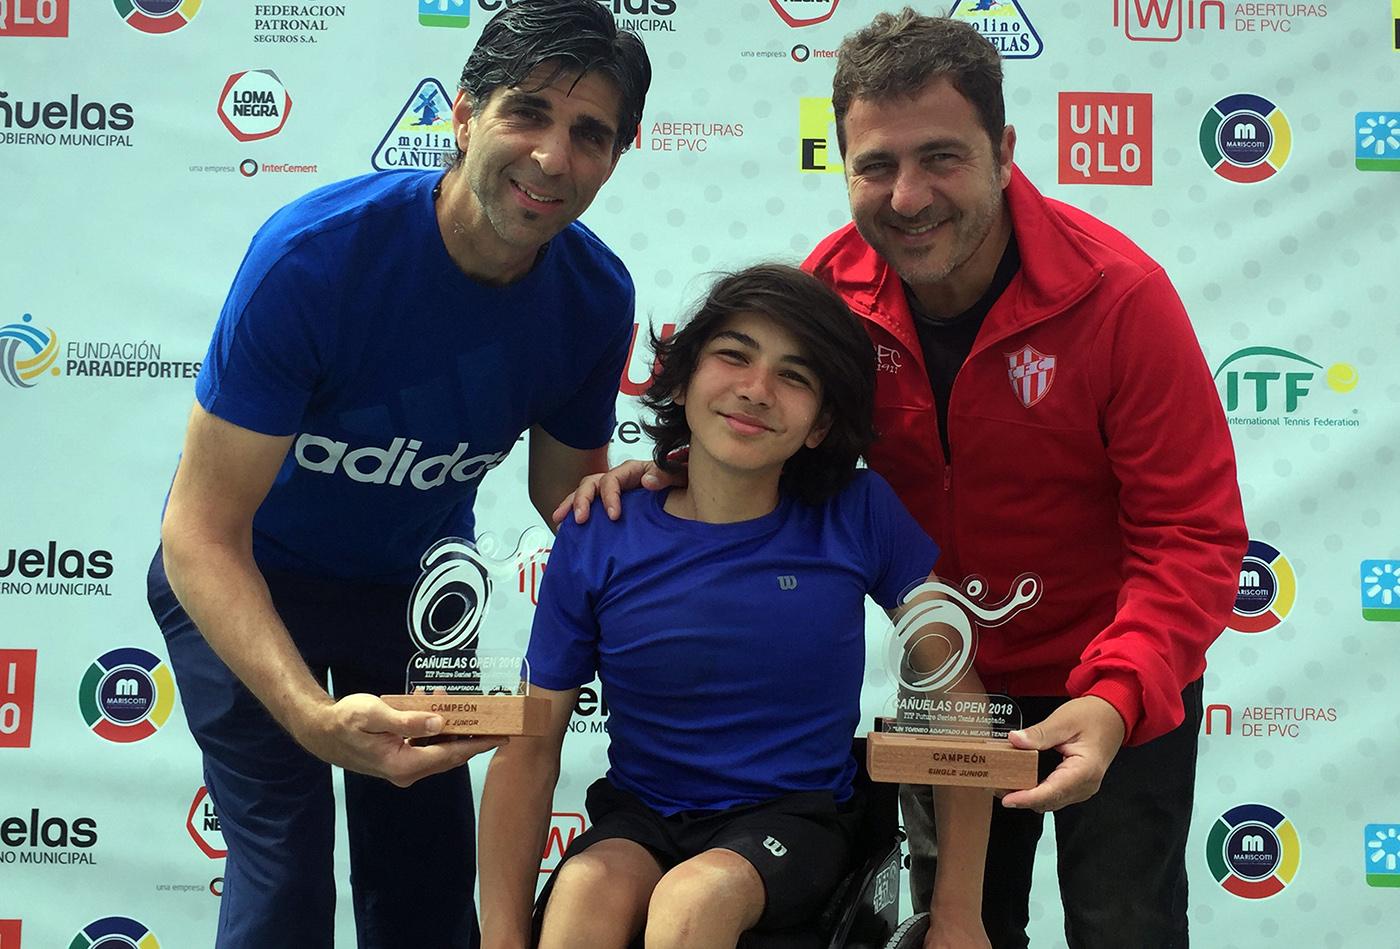 Tenis adaptado: João Takaki, camepón juvenil del Cañuelas Open 2018